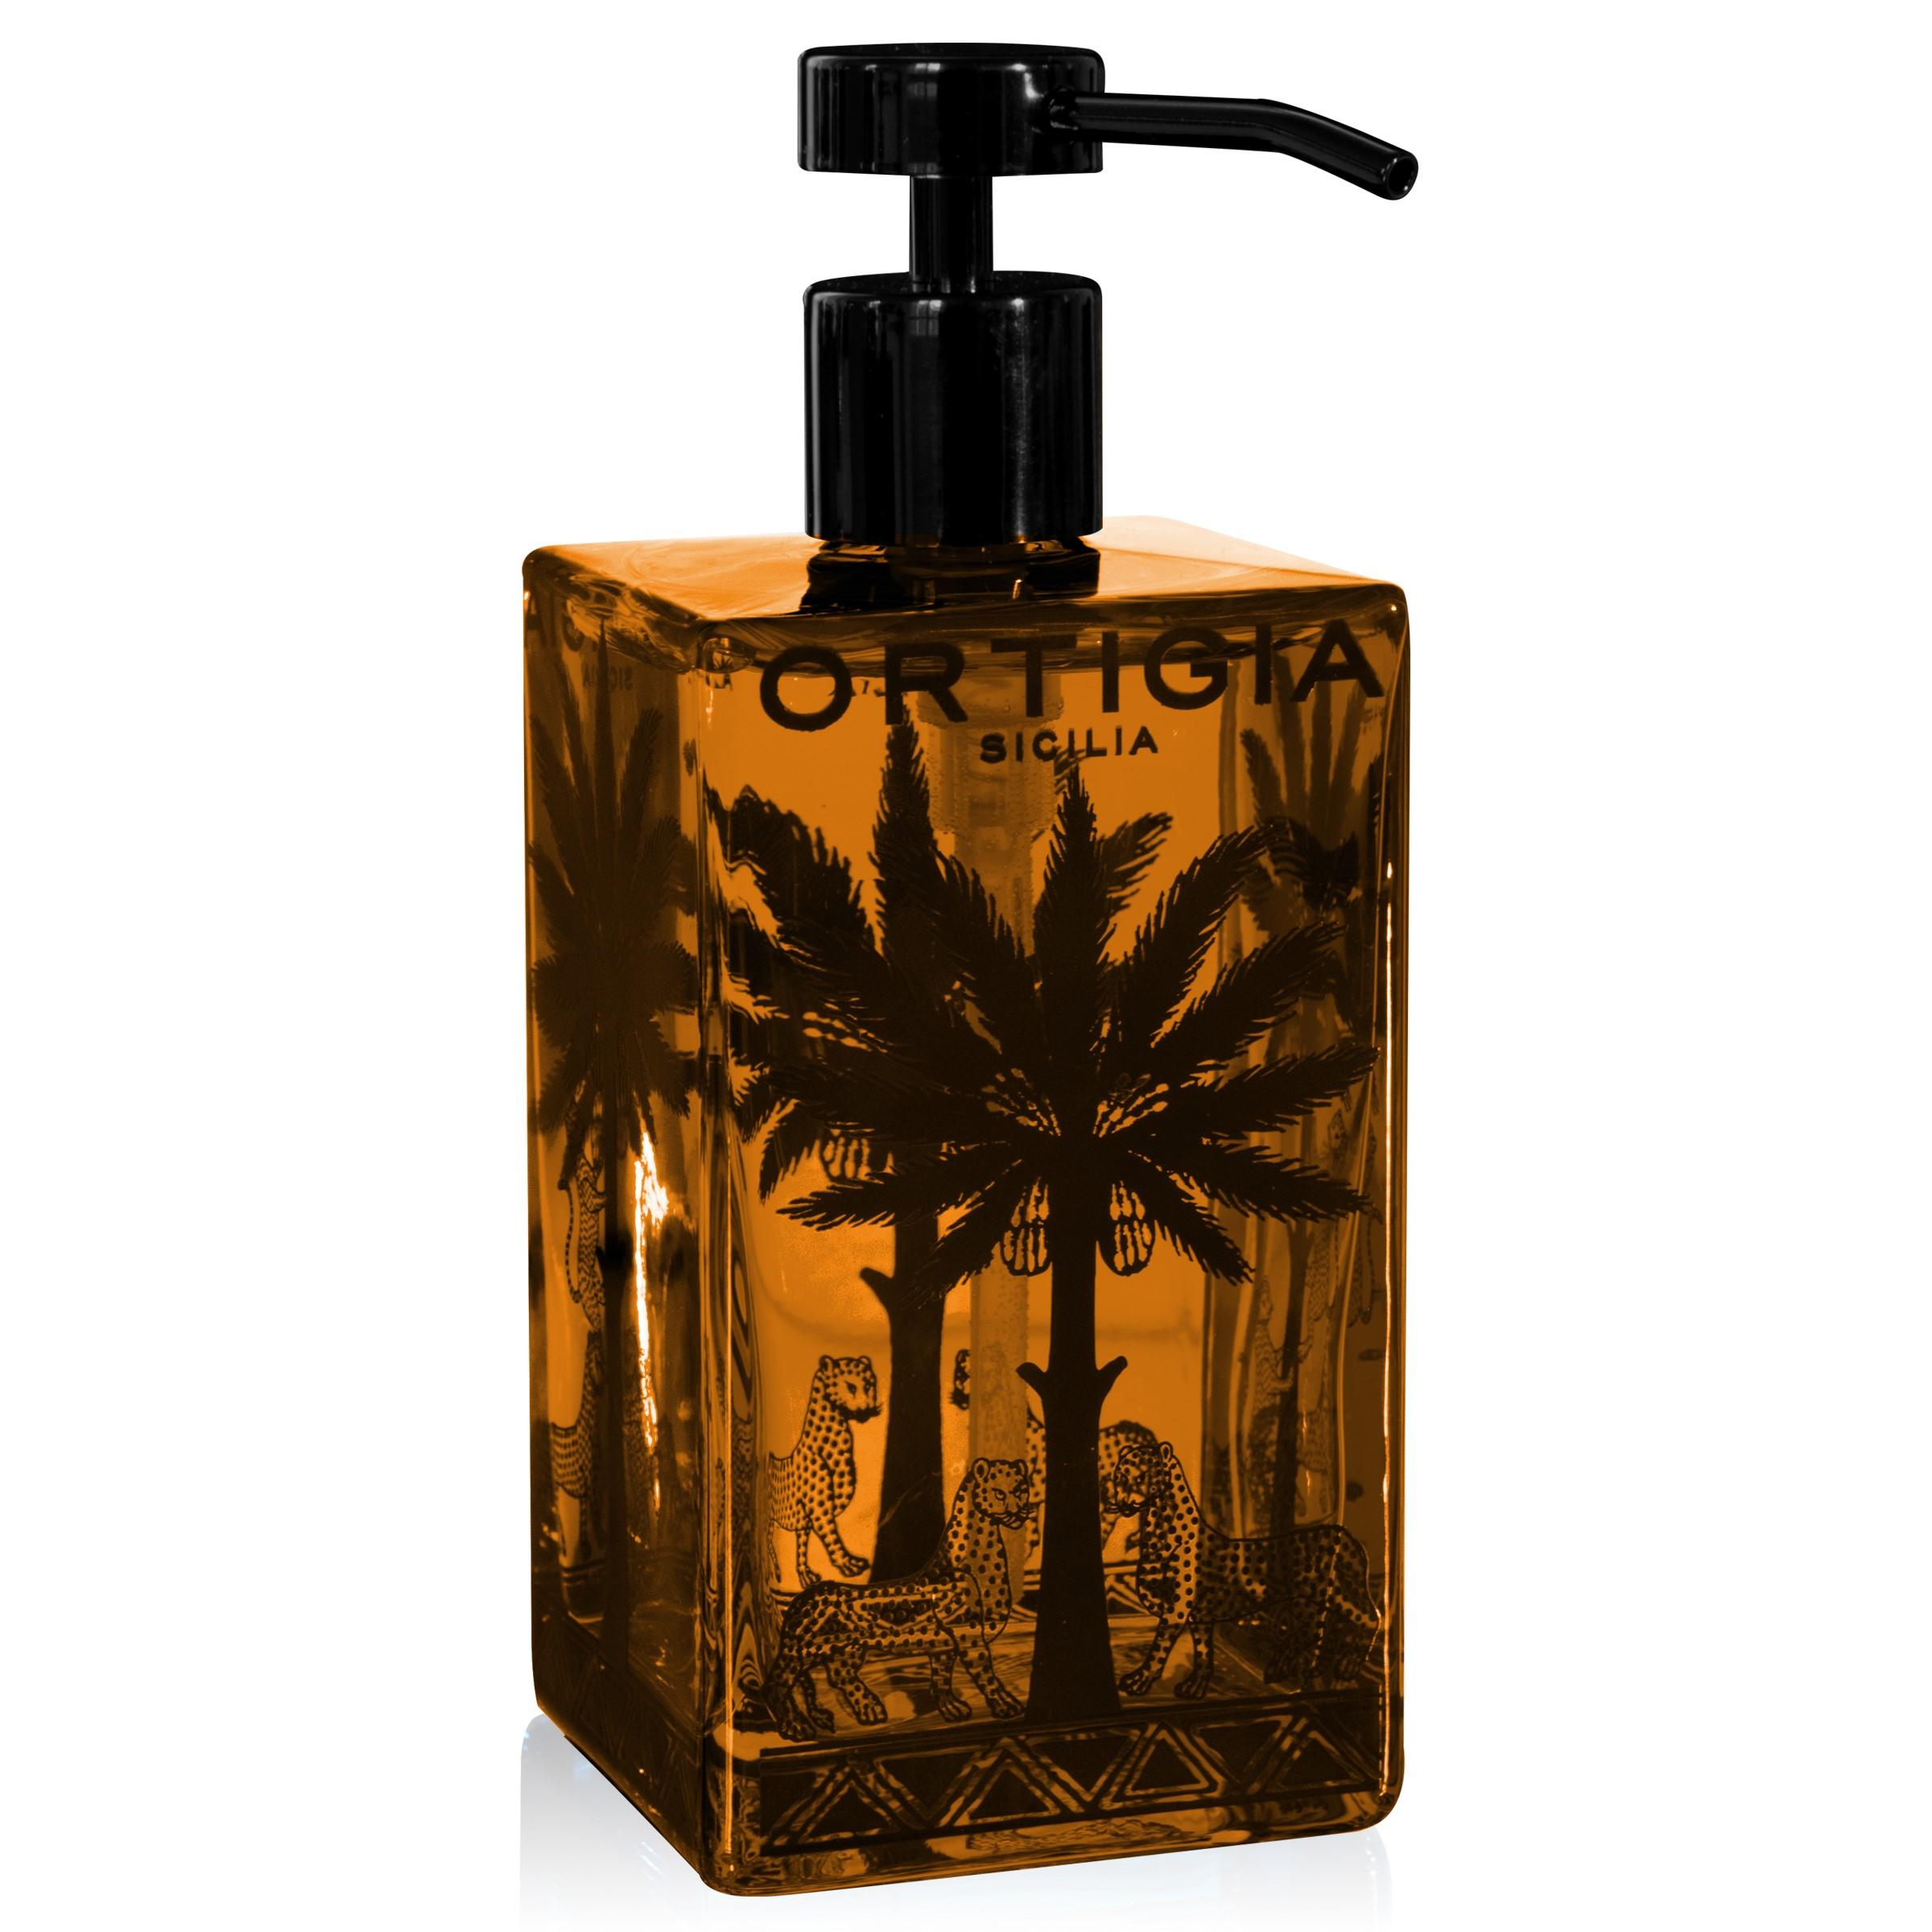 ORTIGIA Ambra Nera Liquid Soap 500ml Glass